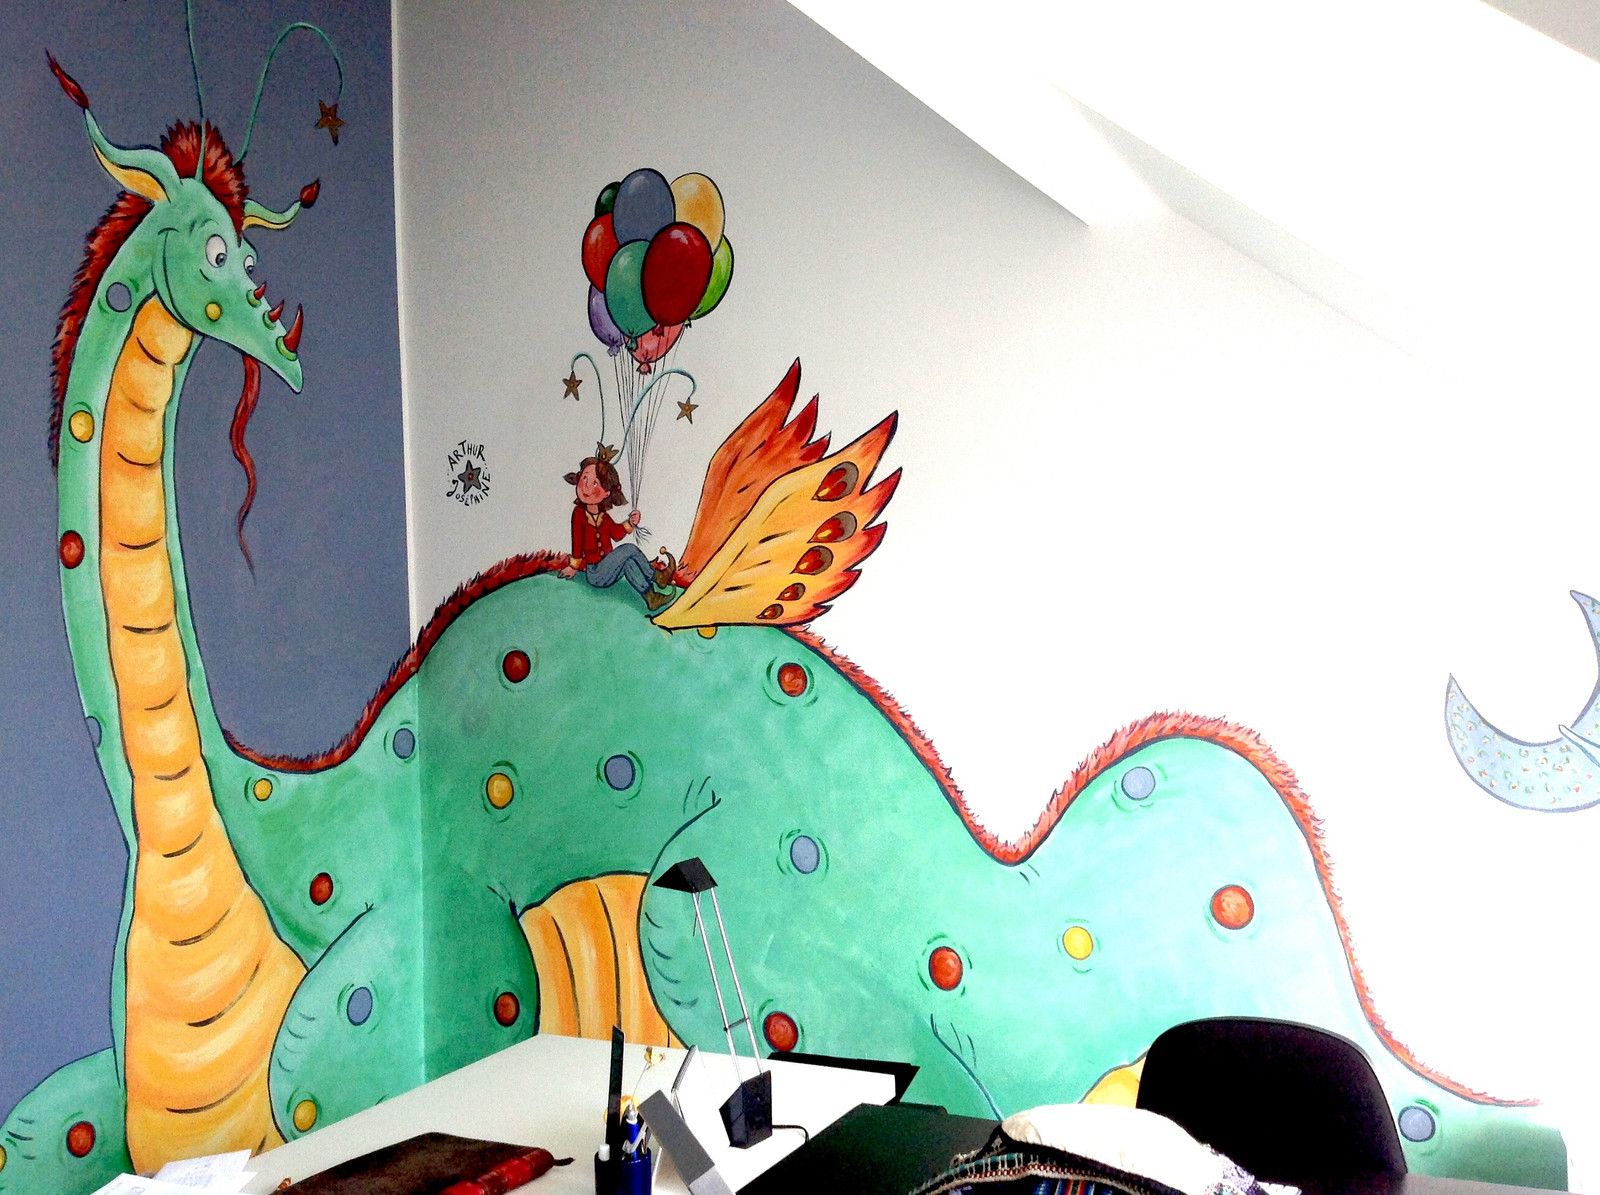 Peinture Murale Sur 2 Murs   Coin   Chambre Du0027enfant Dragon Princesse Jeu  étoiles Ballons Fille Garçon